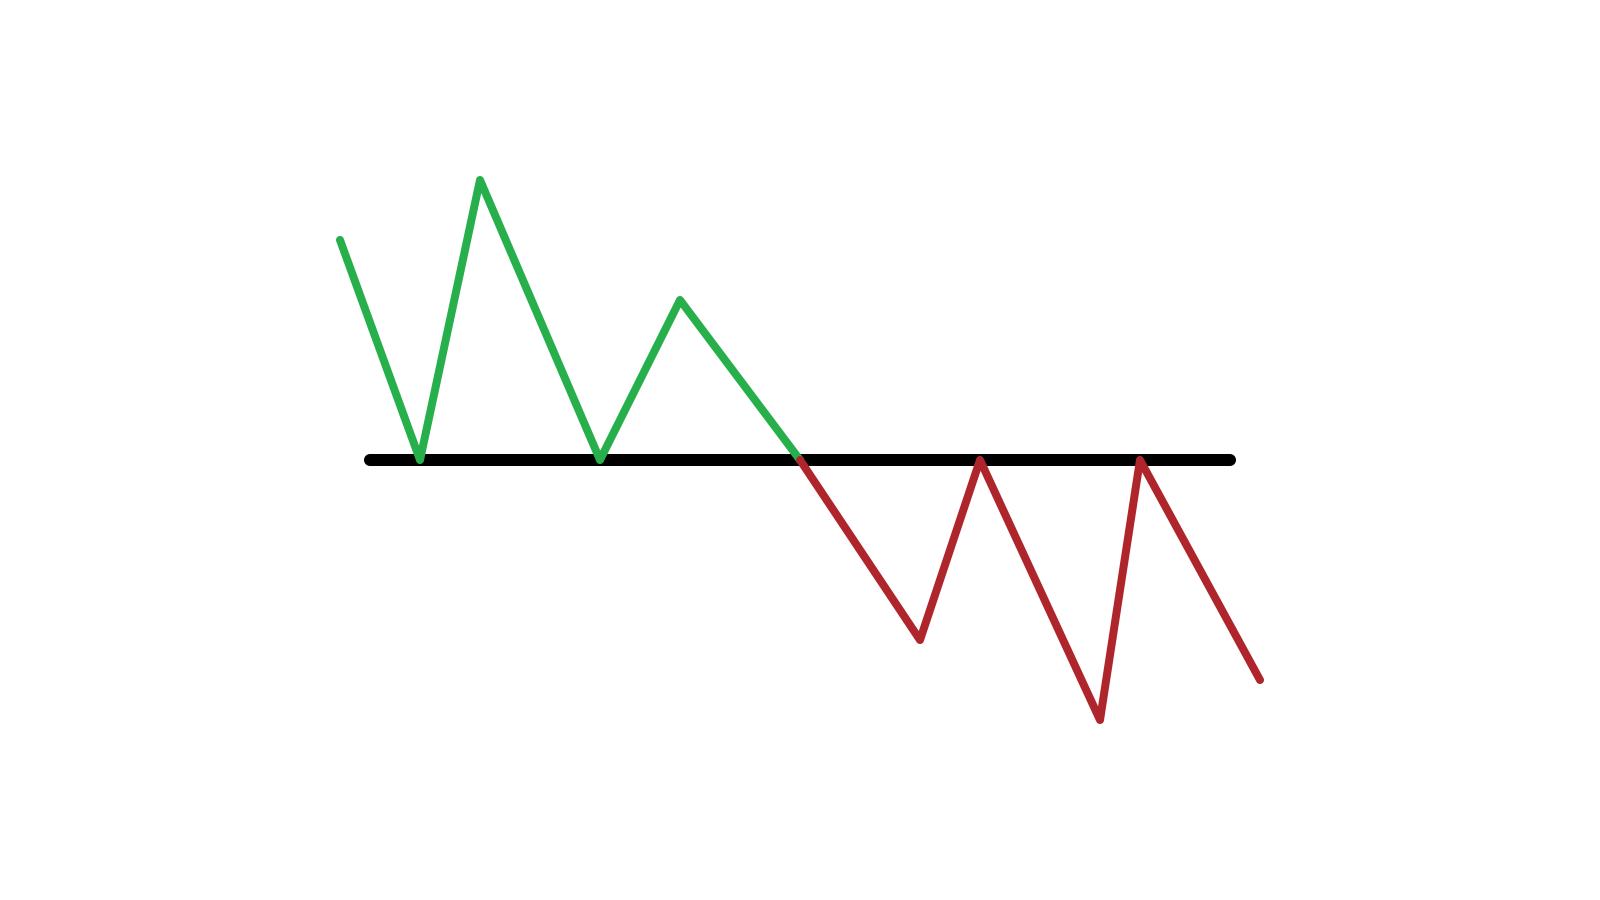 确定价格何时从 ExpertOption 上的支撑/阻力突破的指南以及要采取的行动